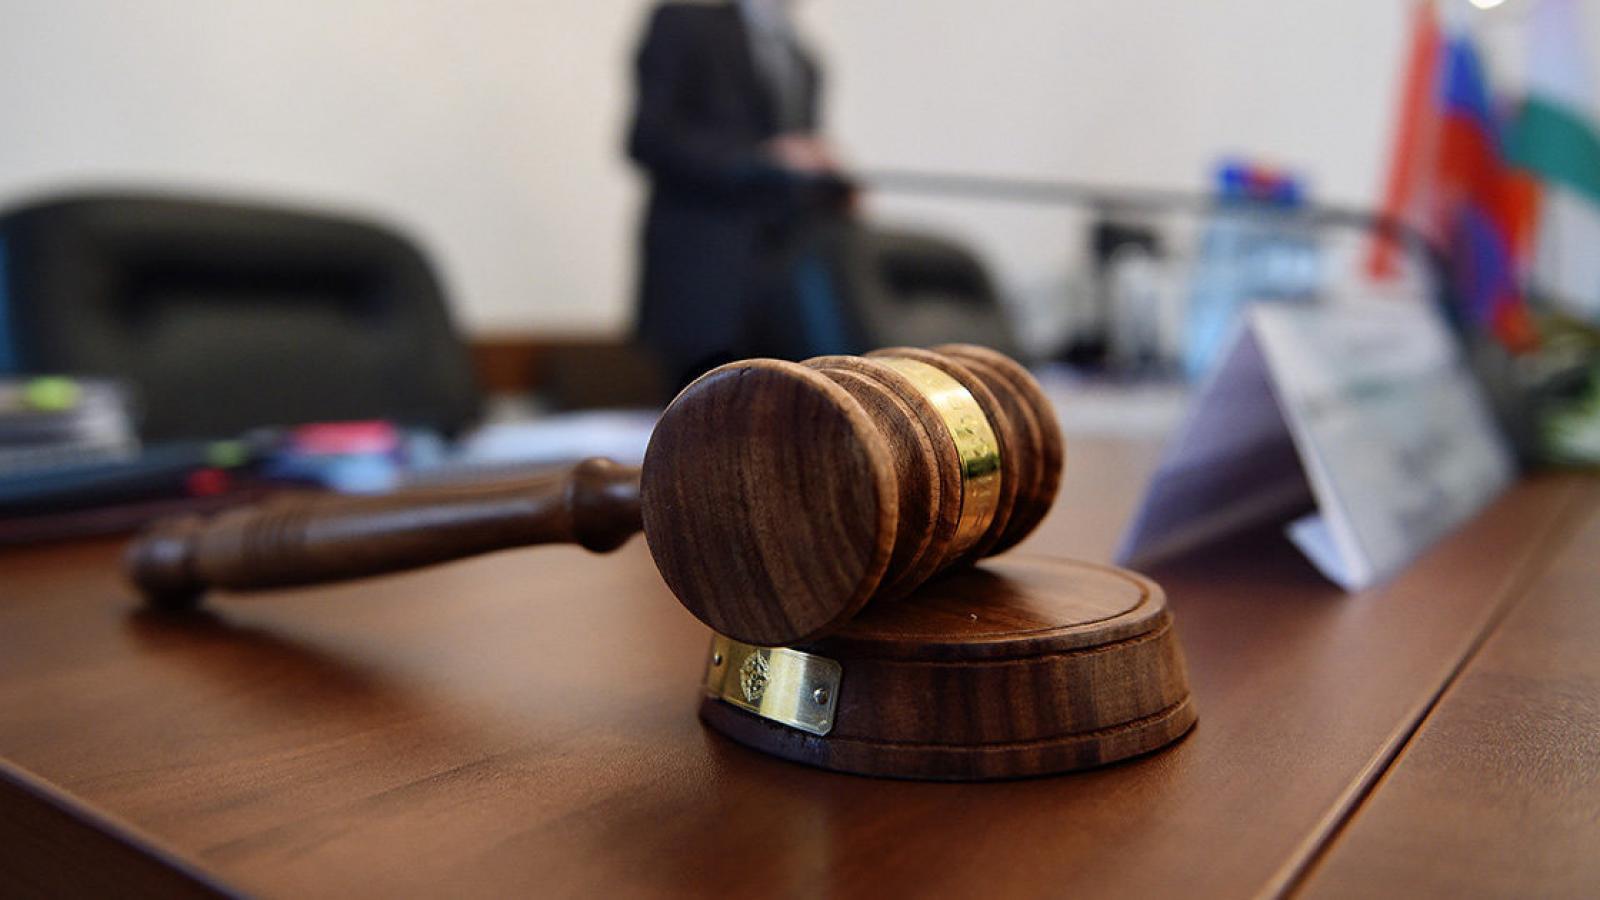 В Твери осудят заснувшего за рулём 21-летнего виновника смертельного ДТП